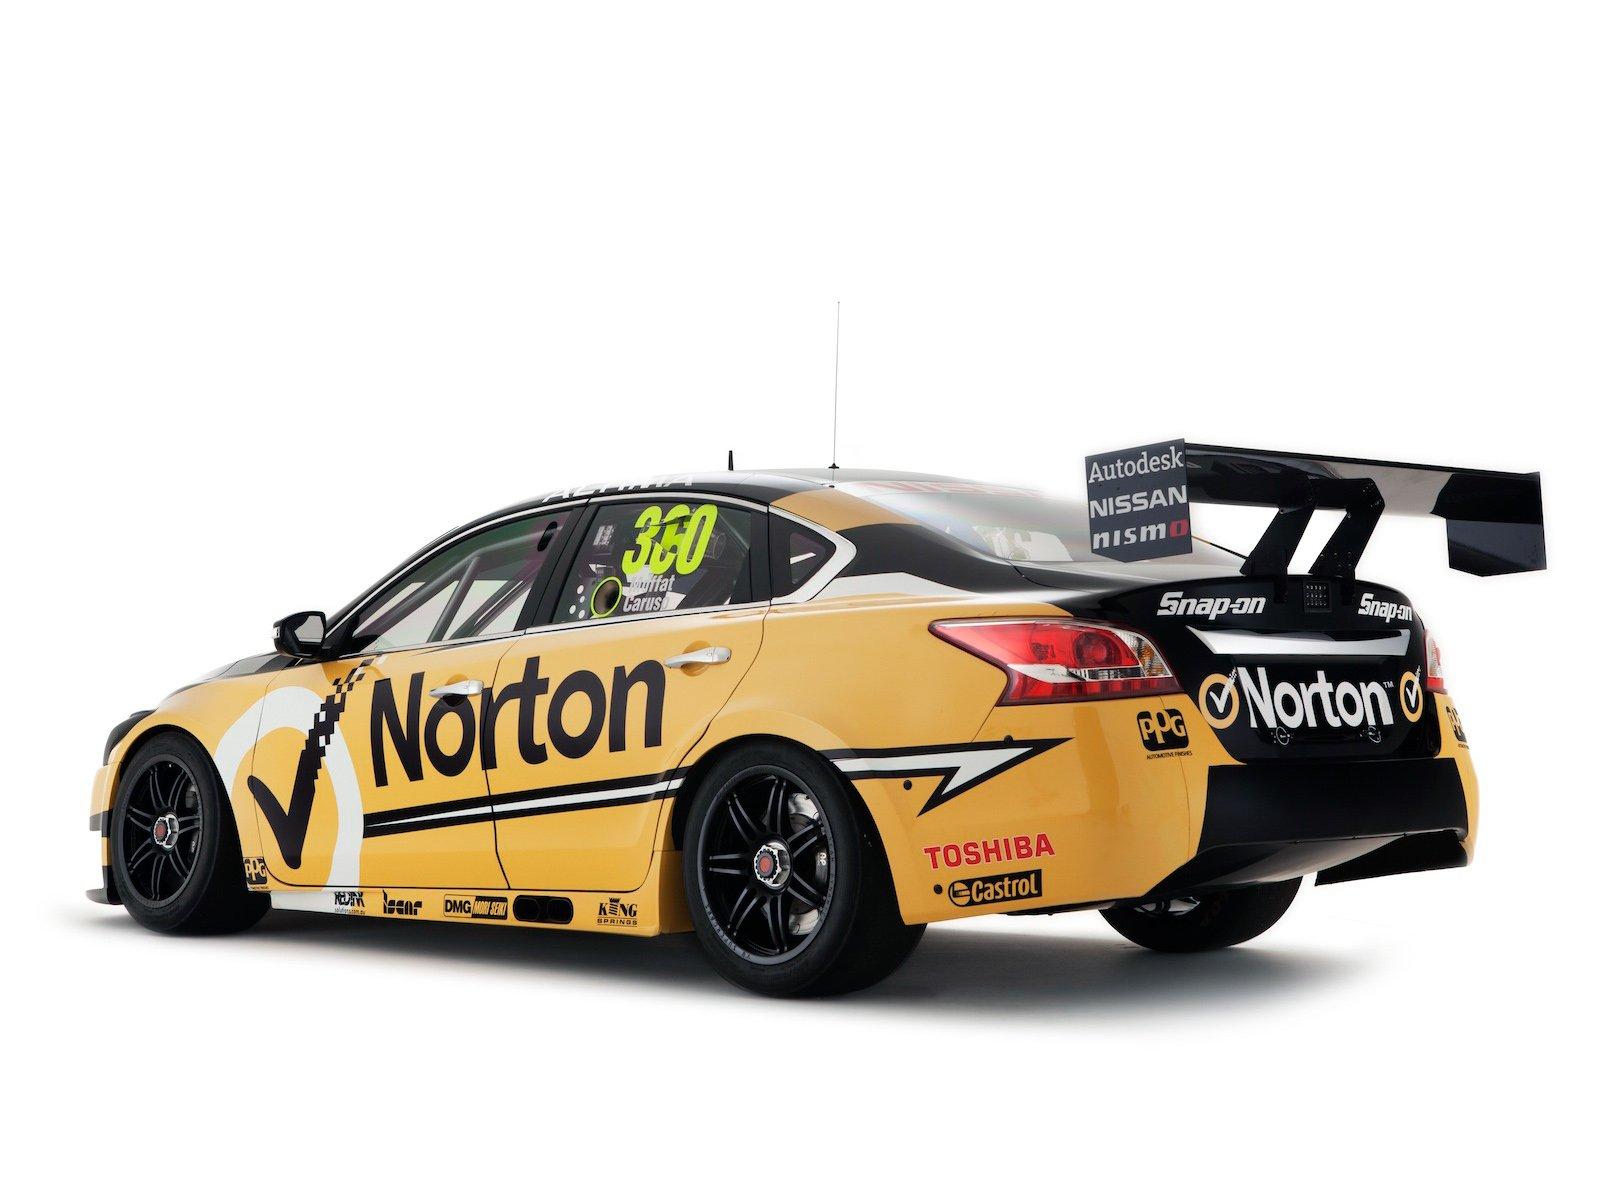 2012 nissan altima v 8 supercar l33 race racing f wallpaper 1600x1200 268394 wallpaperup. Black Bedroom Furniture Sets. Home Design Ideas